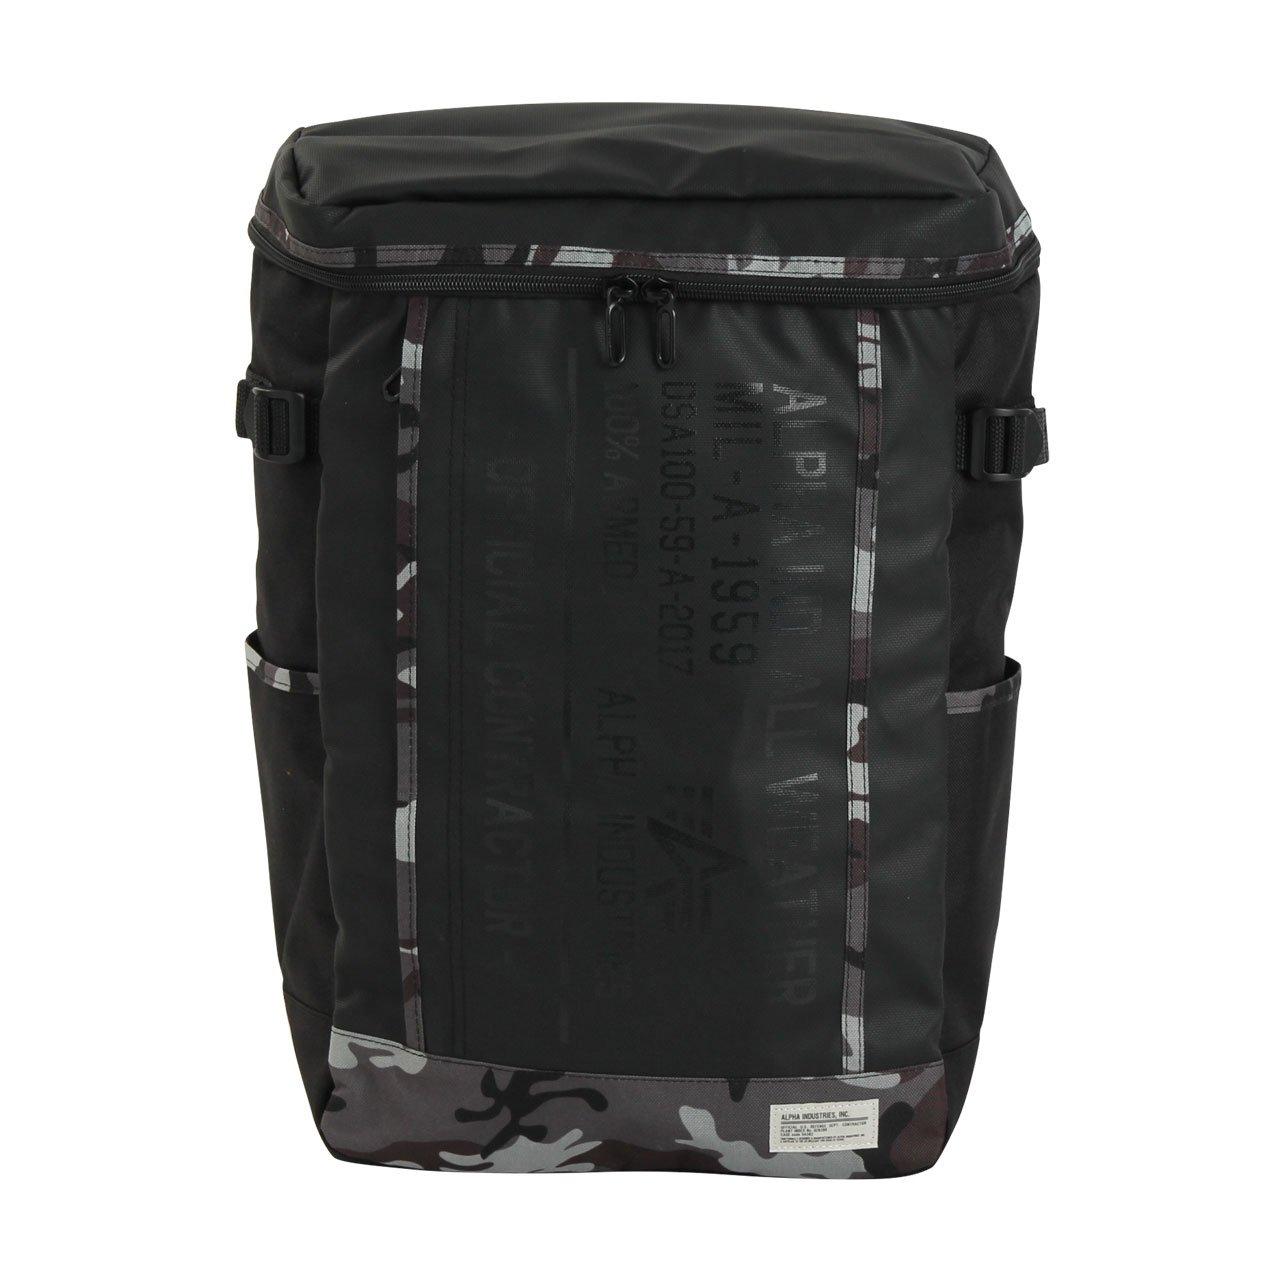 (アルファインダストリーズ) ALPHA INDUSTRIES 40057 カーボンコート ボックス型 リュックサック バッグ メンズ レディース バックパック B074NZHYG7 グレーカモフラージュ グレーカモフラージュ